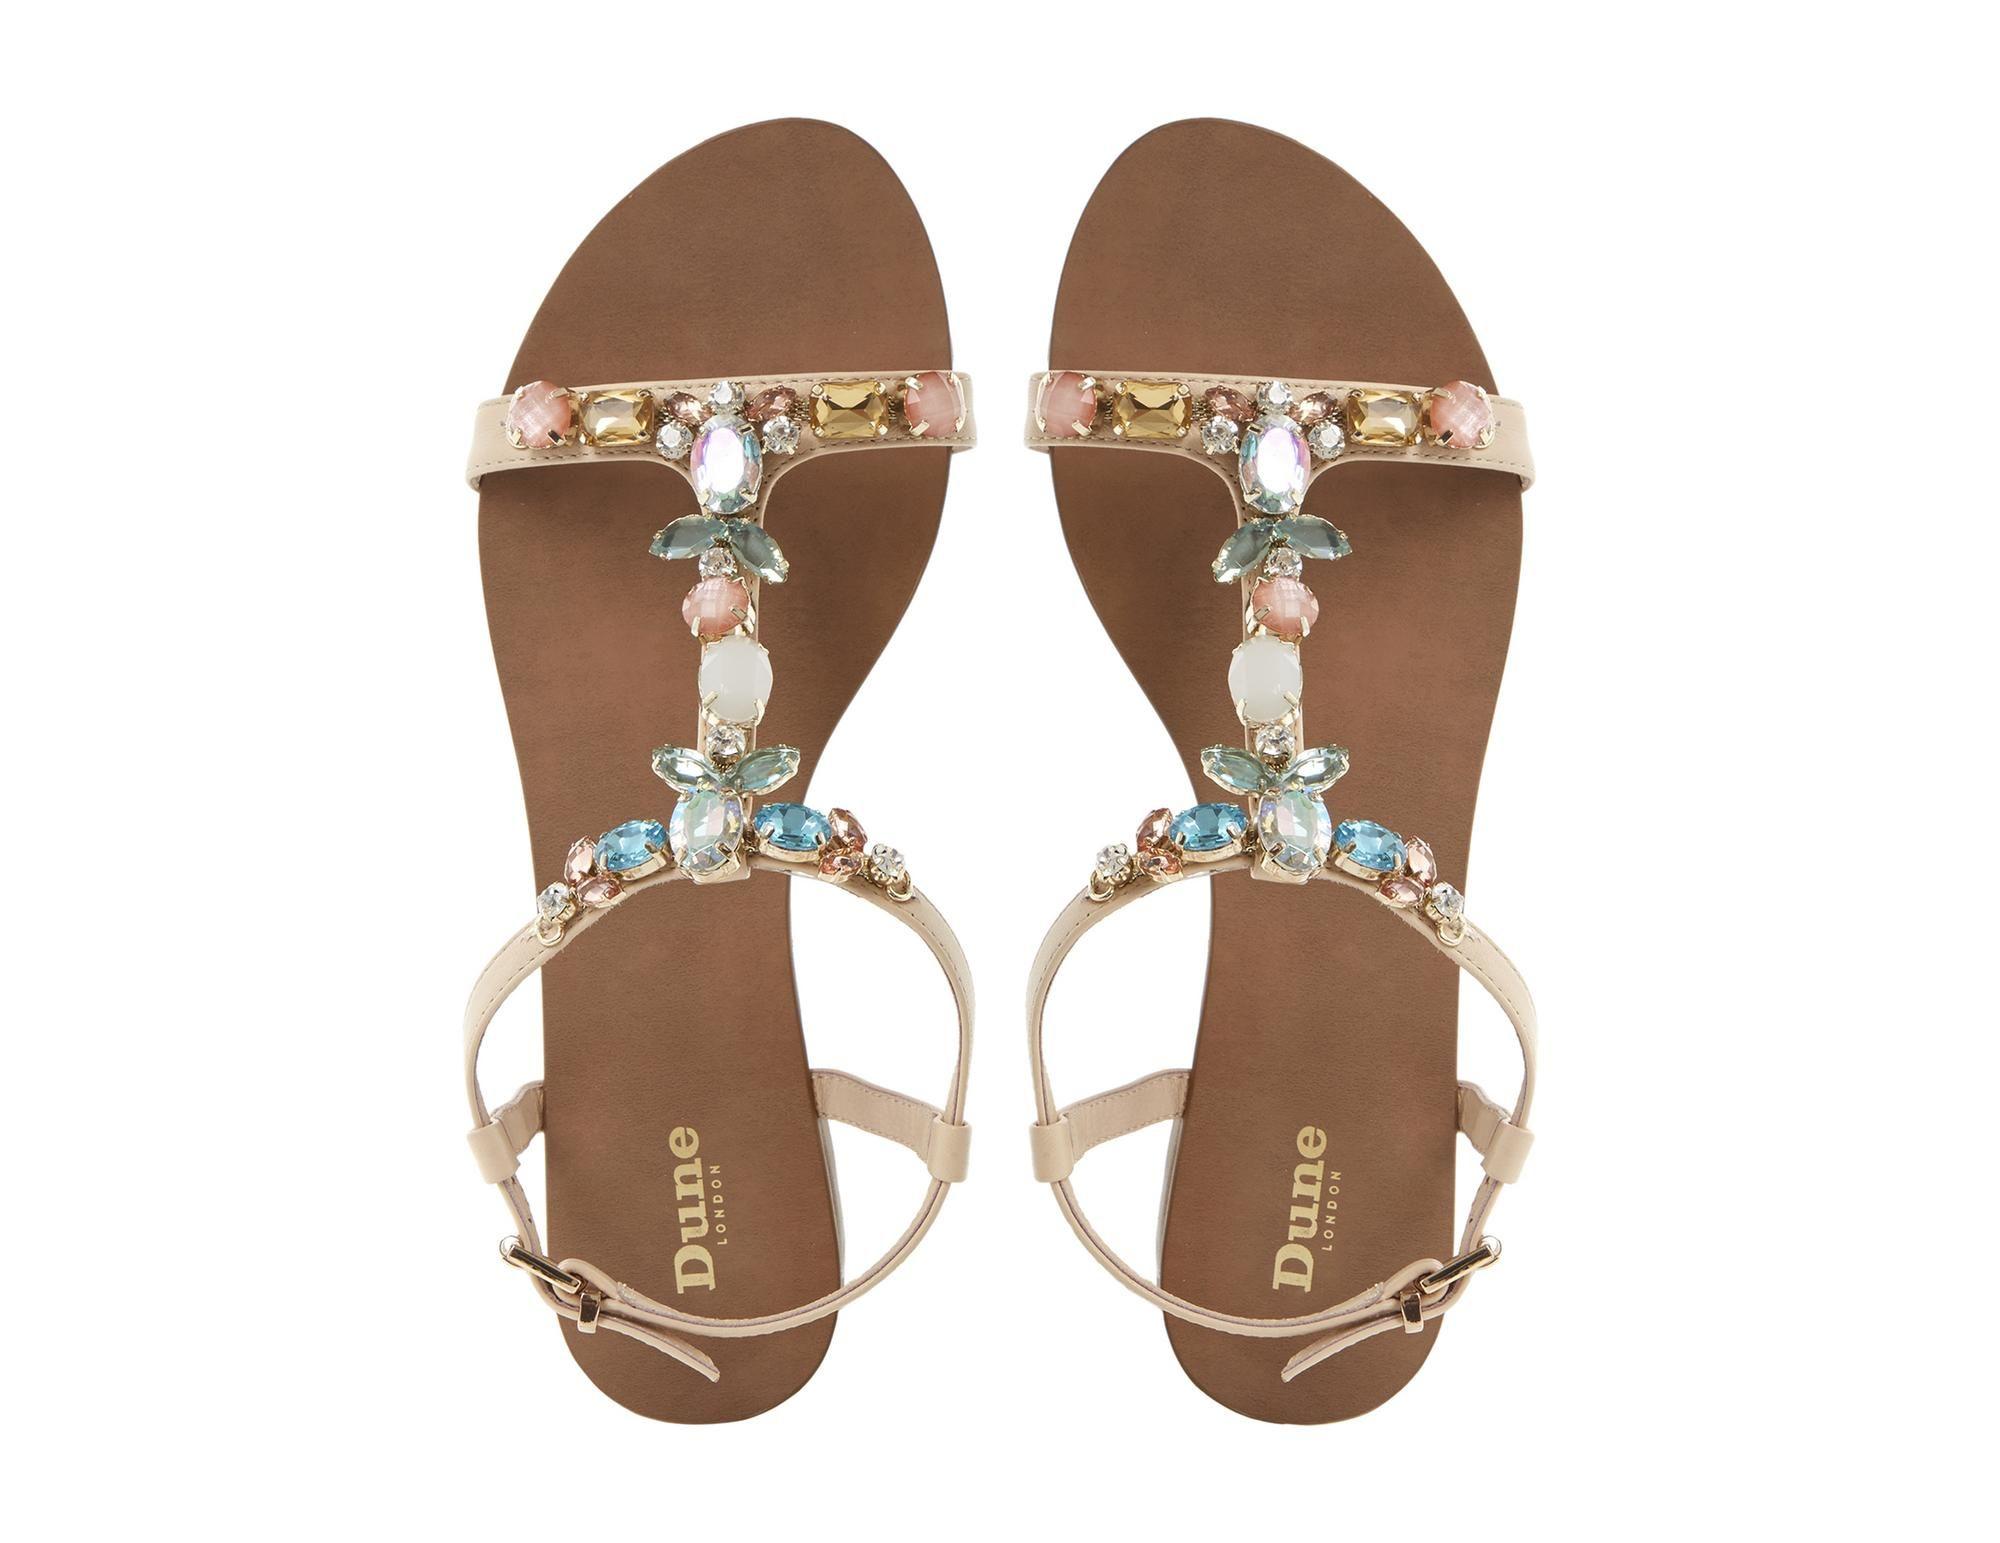 2ac99c42ddce3b DUNE LADIES KHLOE - Jewel Embellished T-Bar Flat Sandal